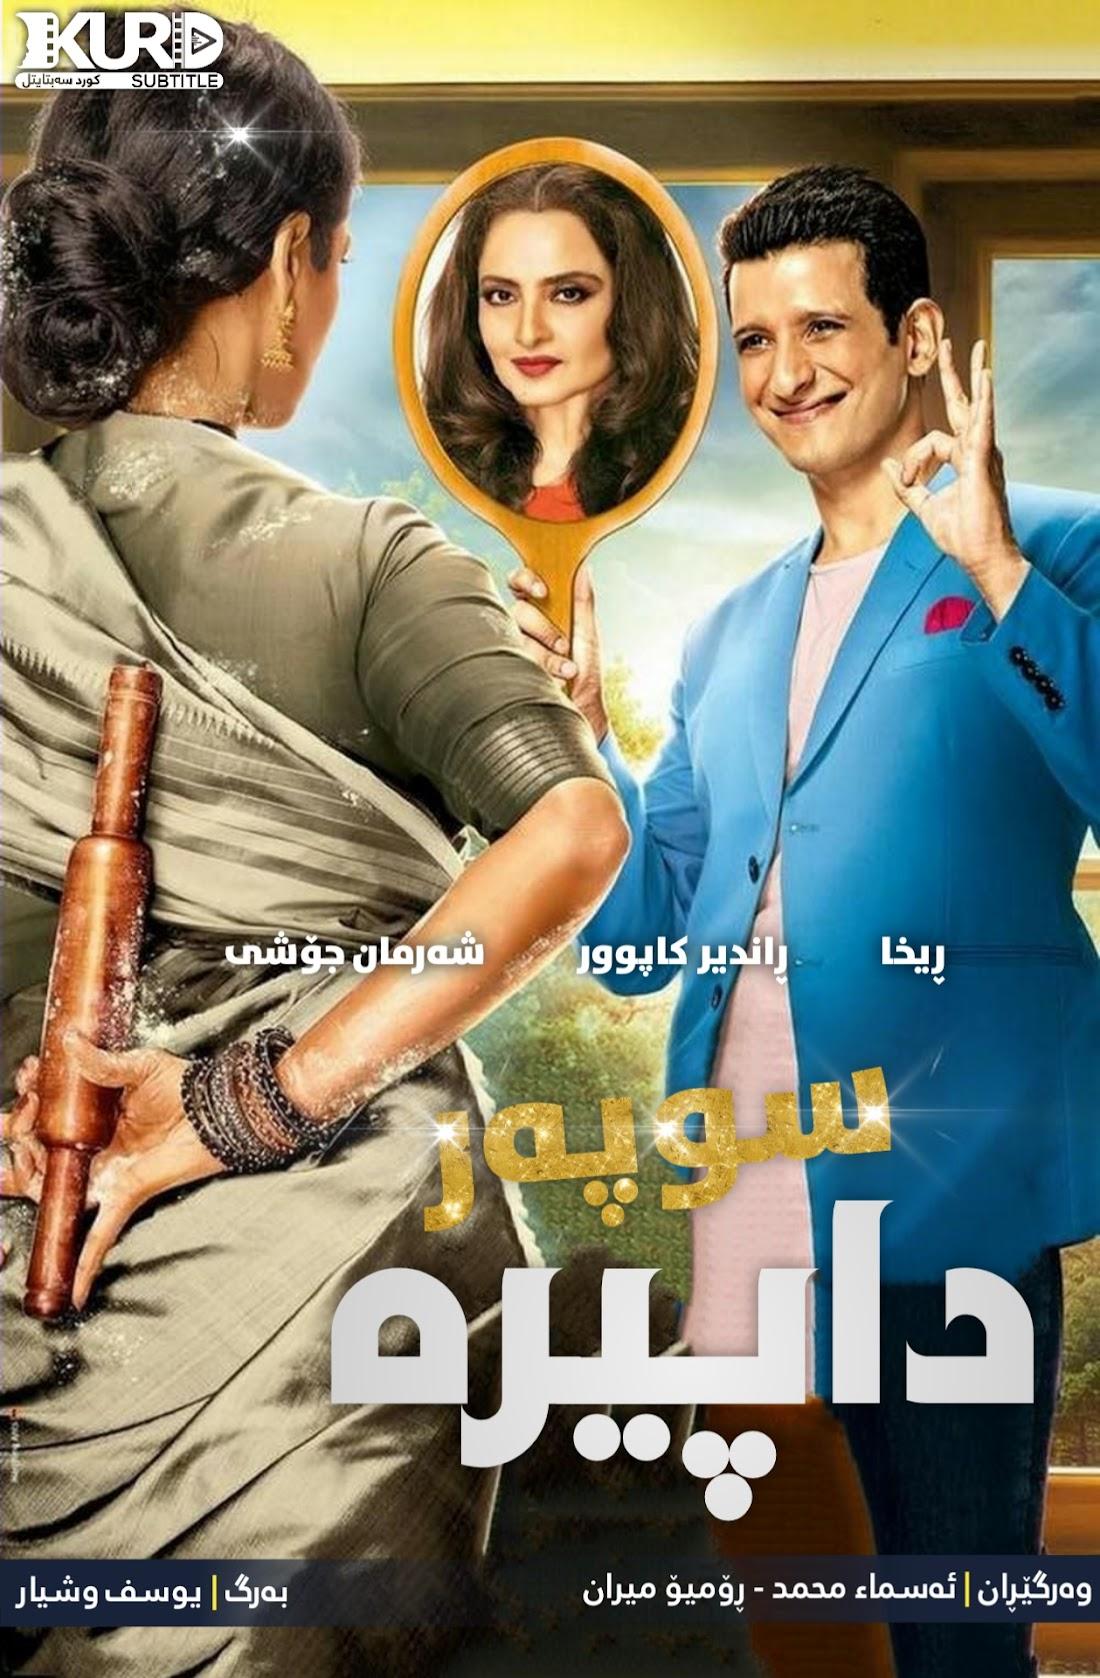 Super Nani kurdish poster